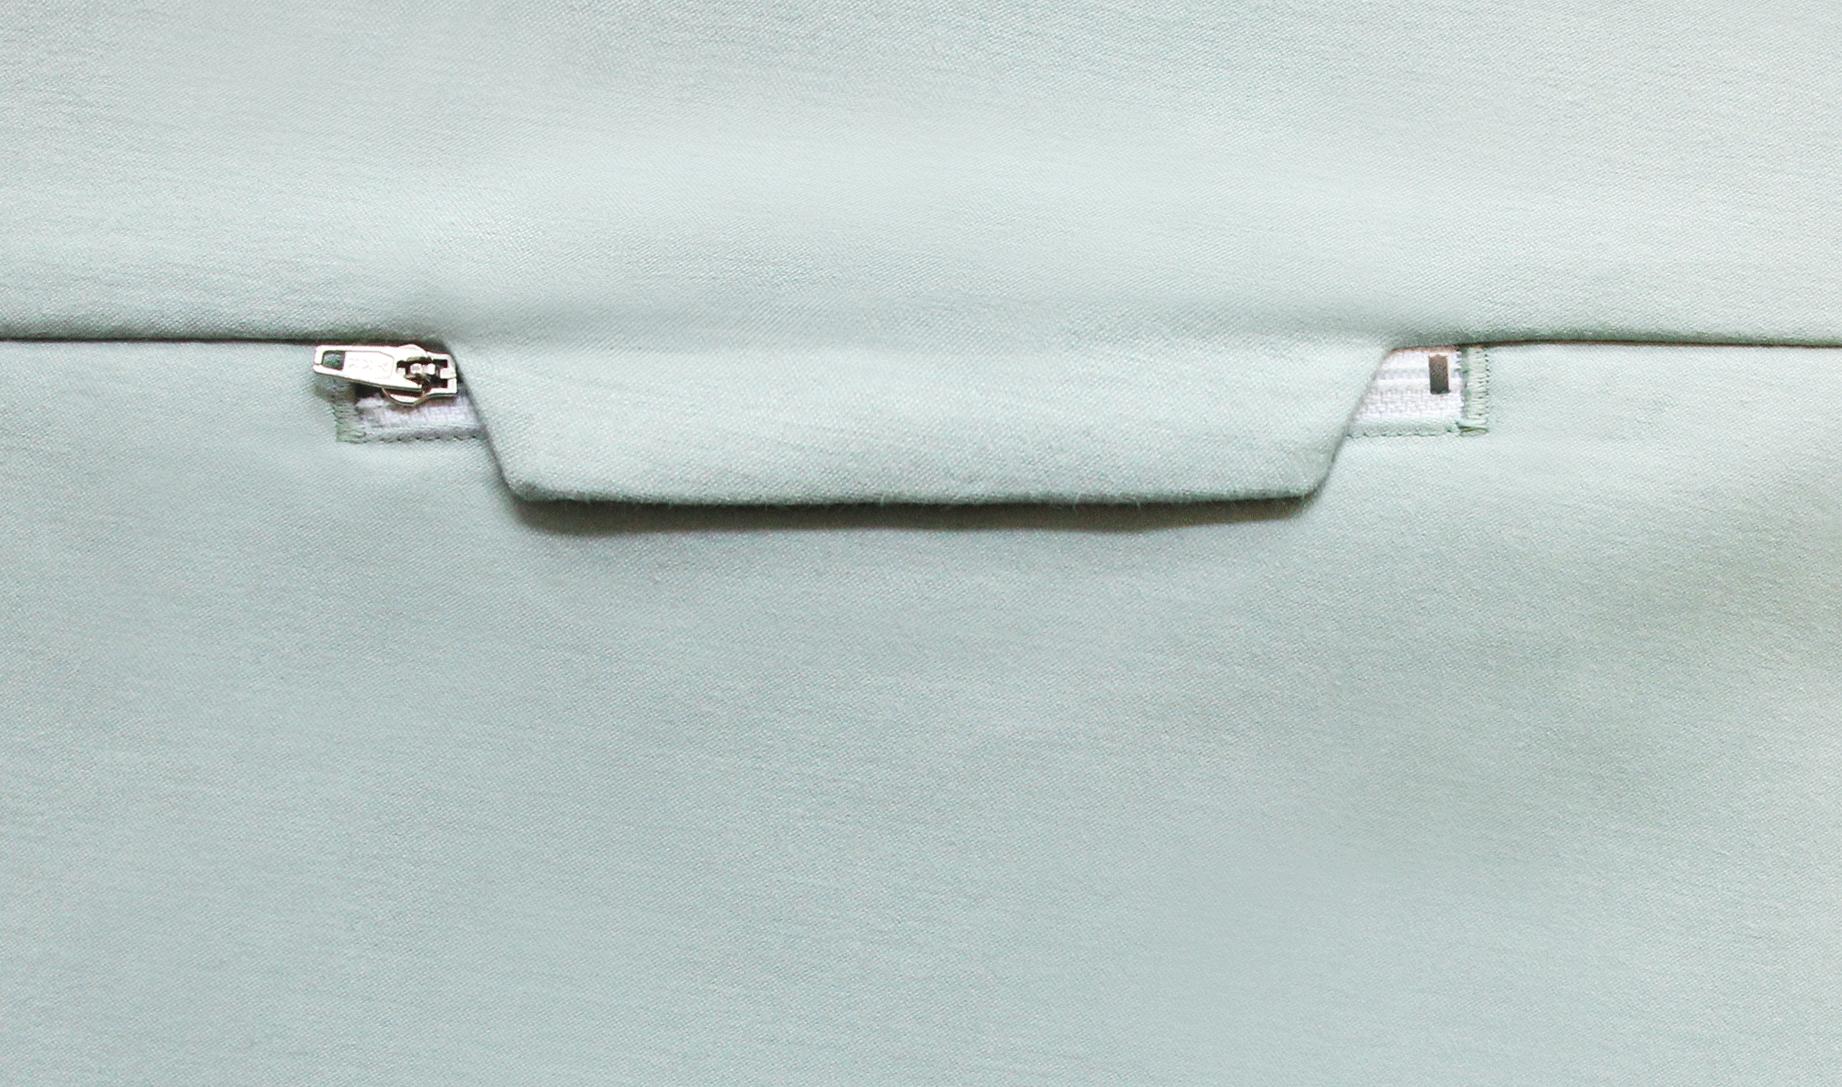 Nähanleitung für verdeckte Reißverschlusstasche